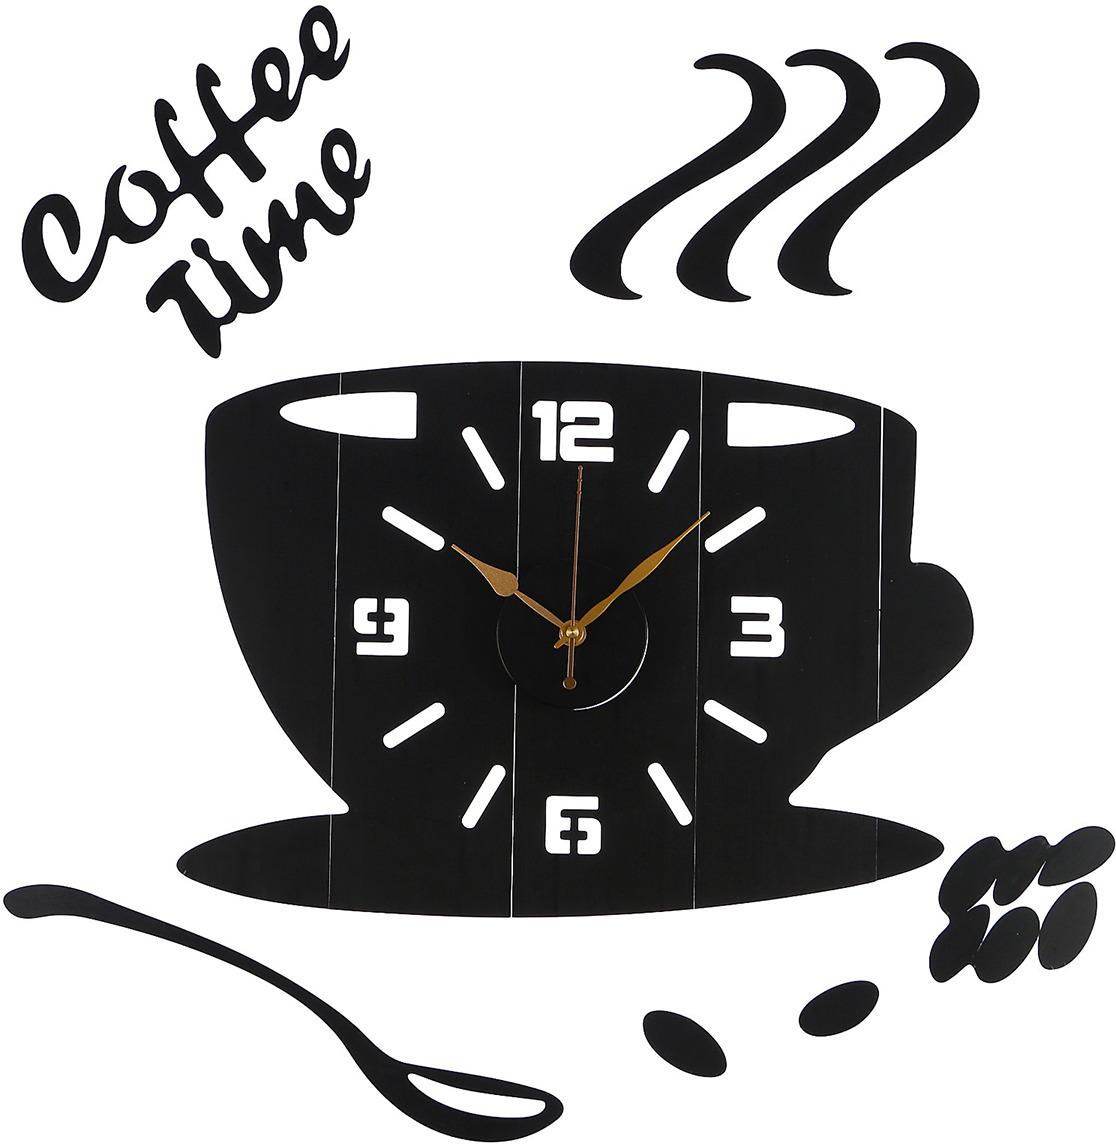 Настенные часы Время для кофе, 3098303, черный3098303Часы уже давно перестали быть предметом исключительно практического назначения. Сегодня они являются еще и отличным элементом декора, который вполне может стать настоящей изюминкой вашего интерьера.